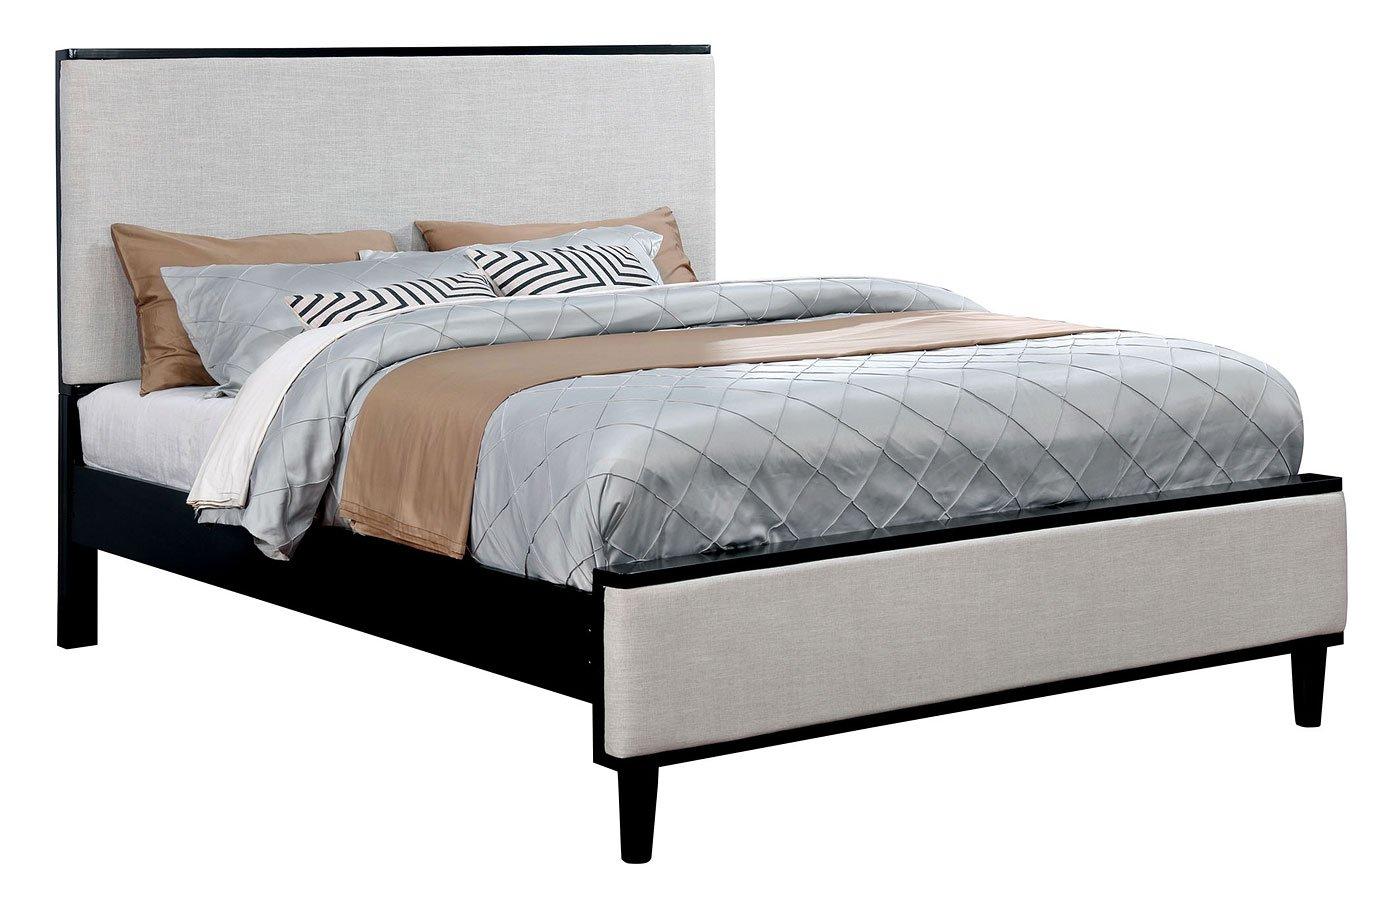 Lennart upholstered bed black beds bedroom furniture for Furniture n more beds